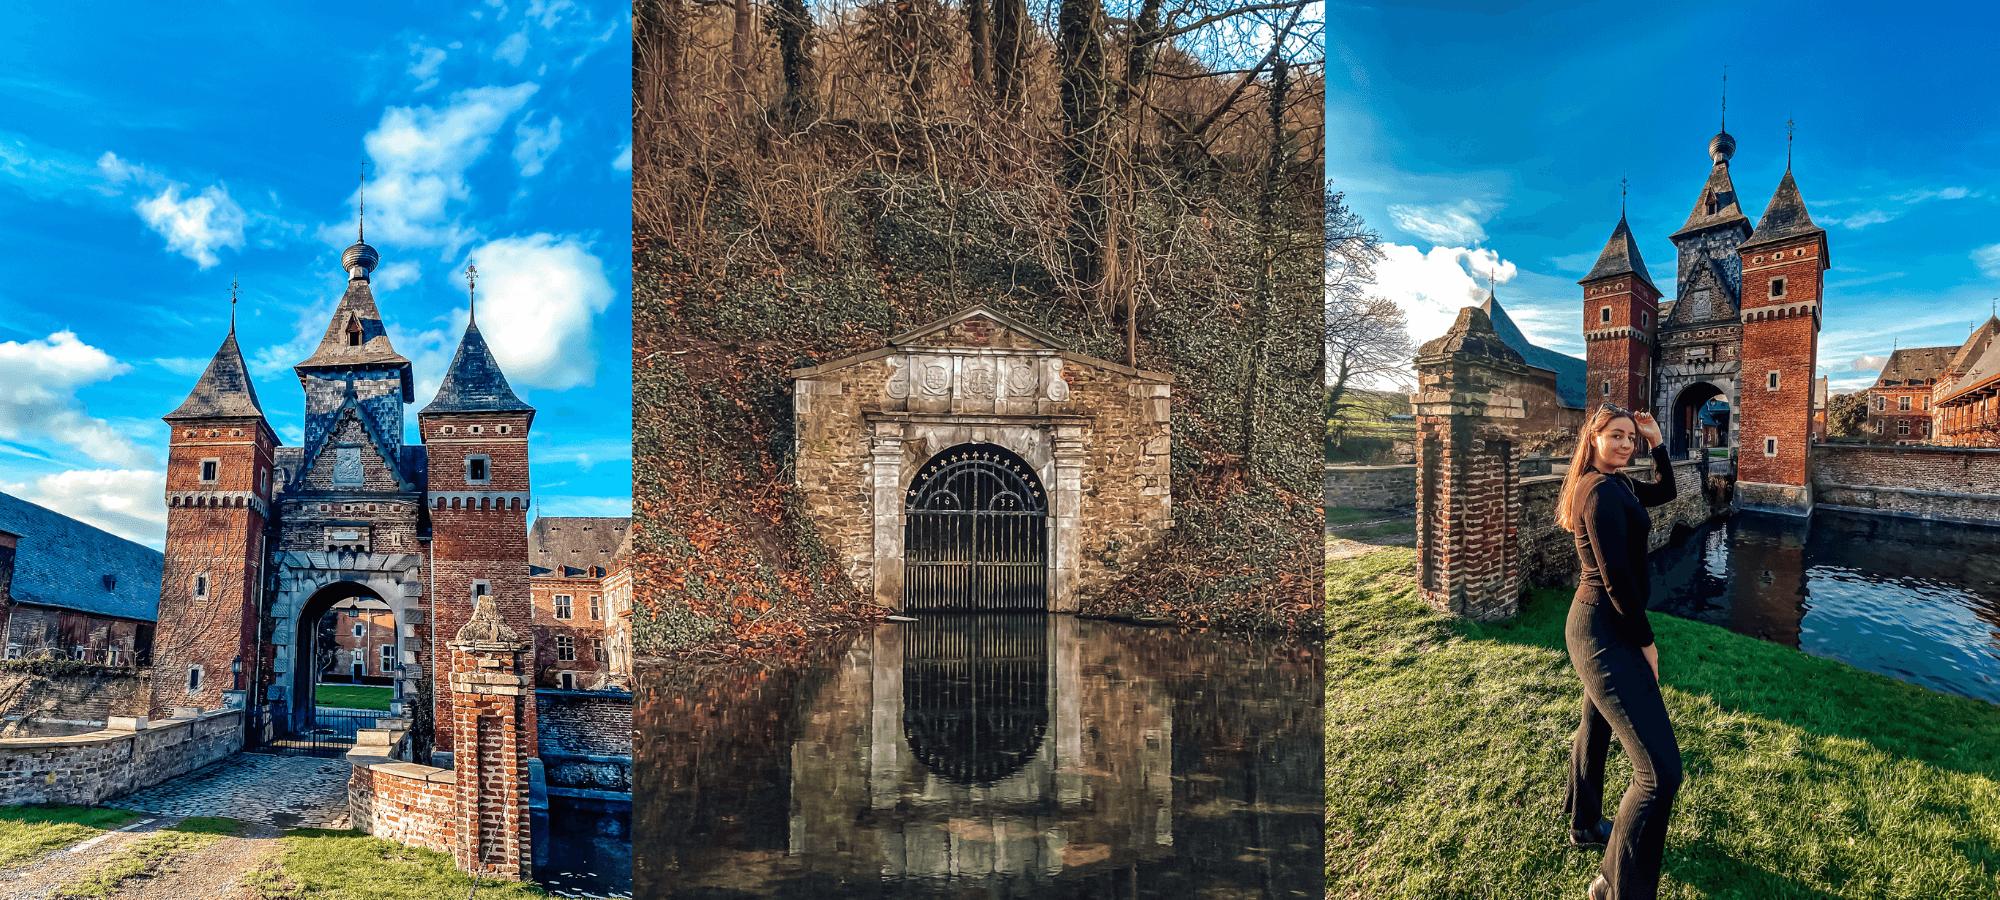 Moated castle La Commanderie, Belgium